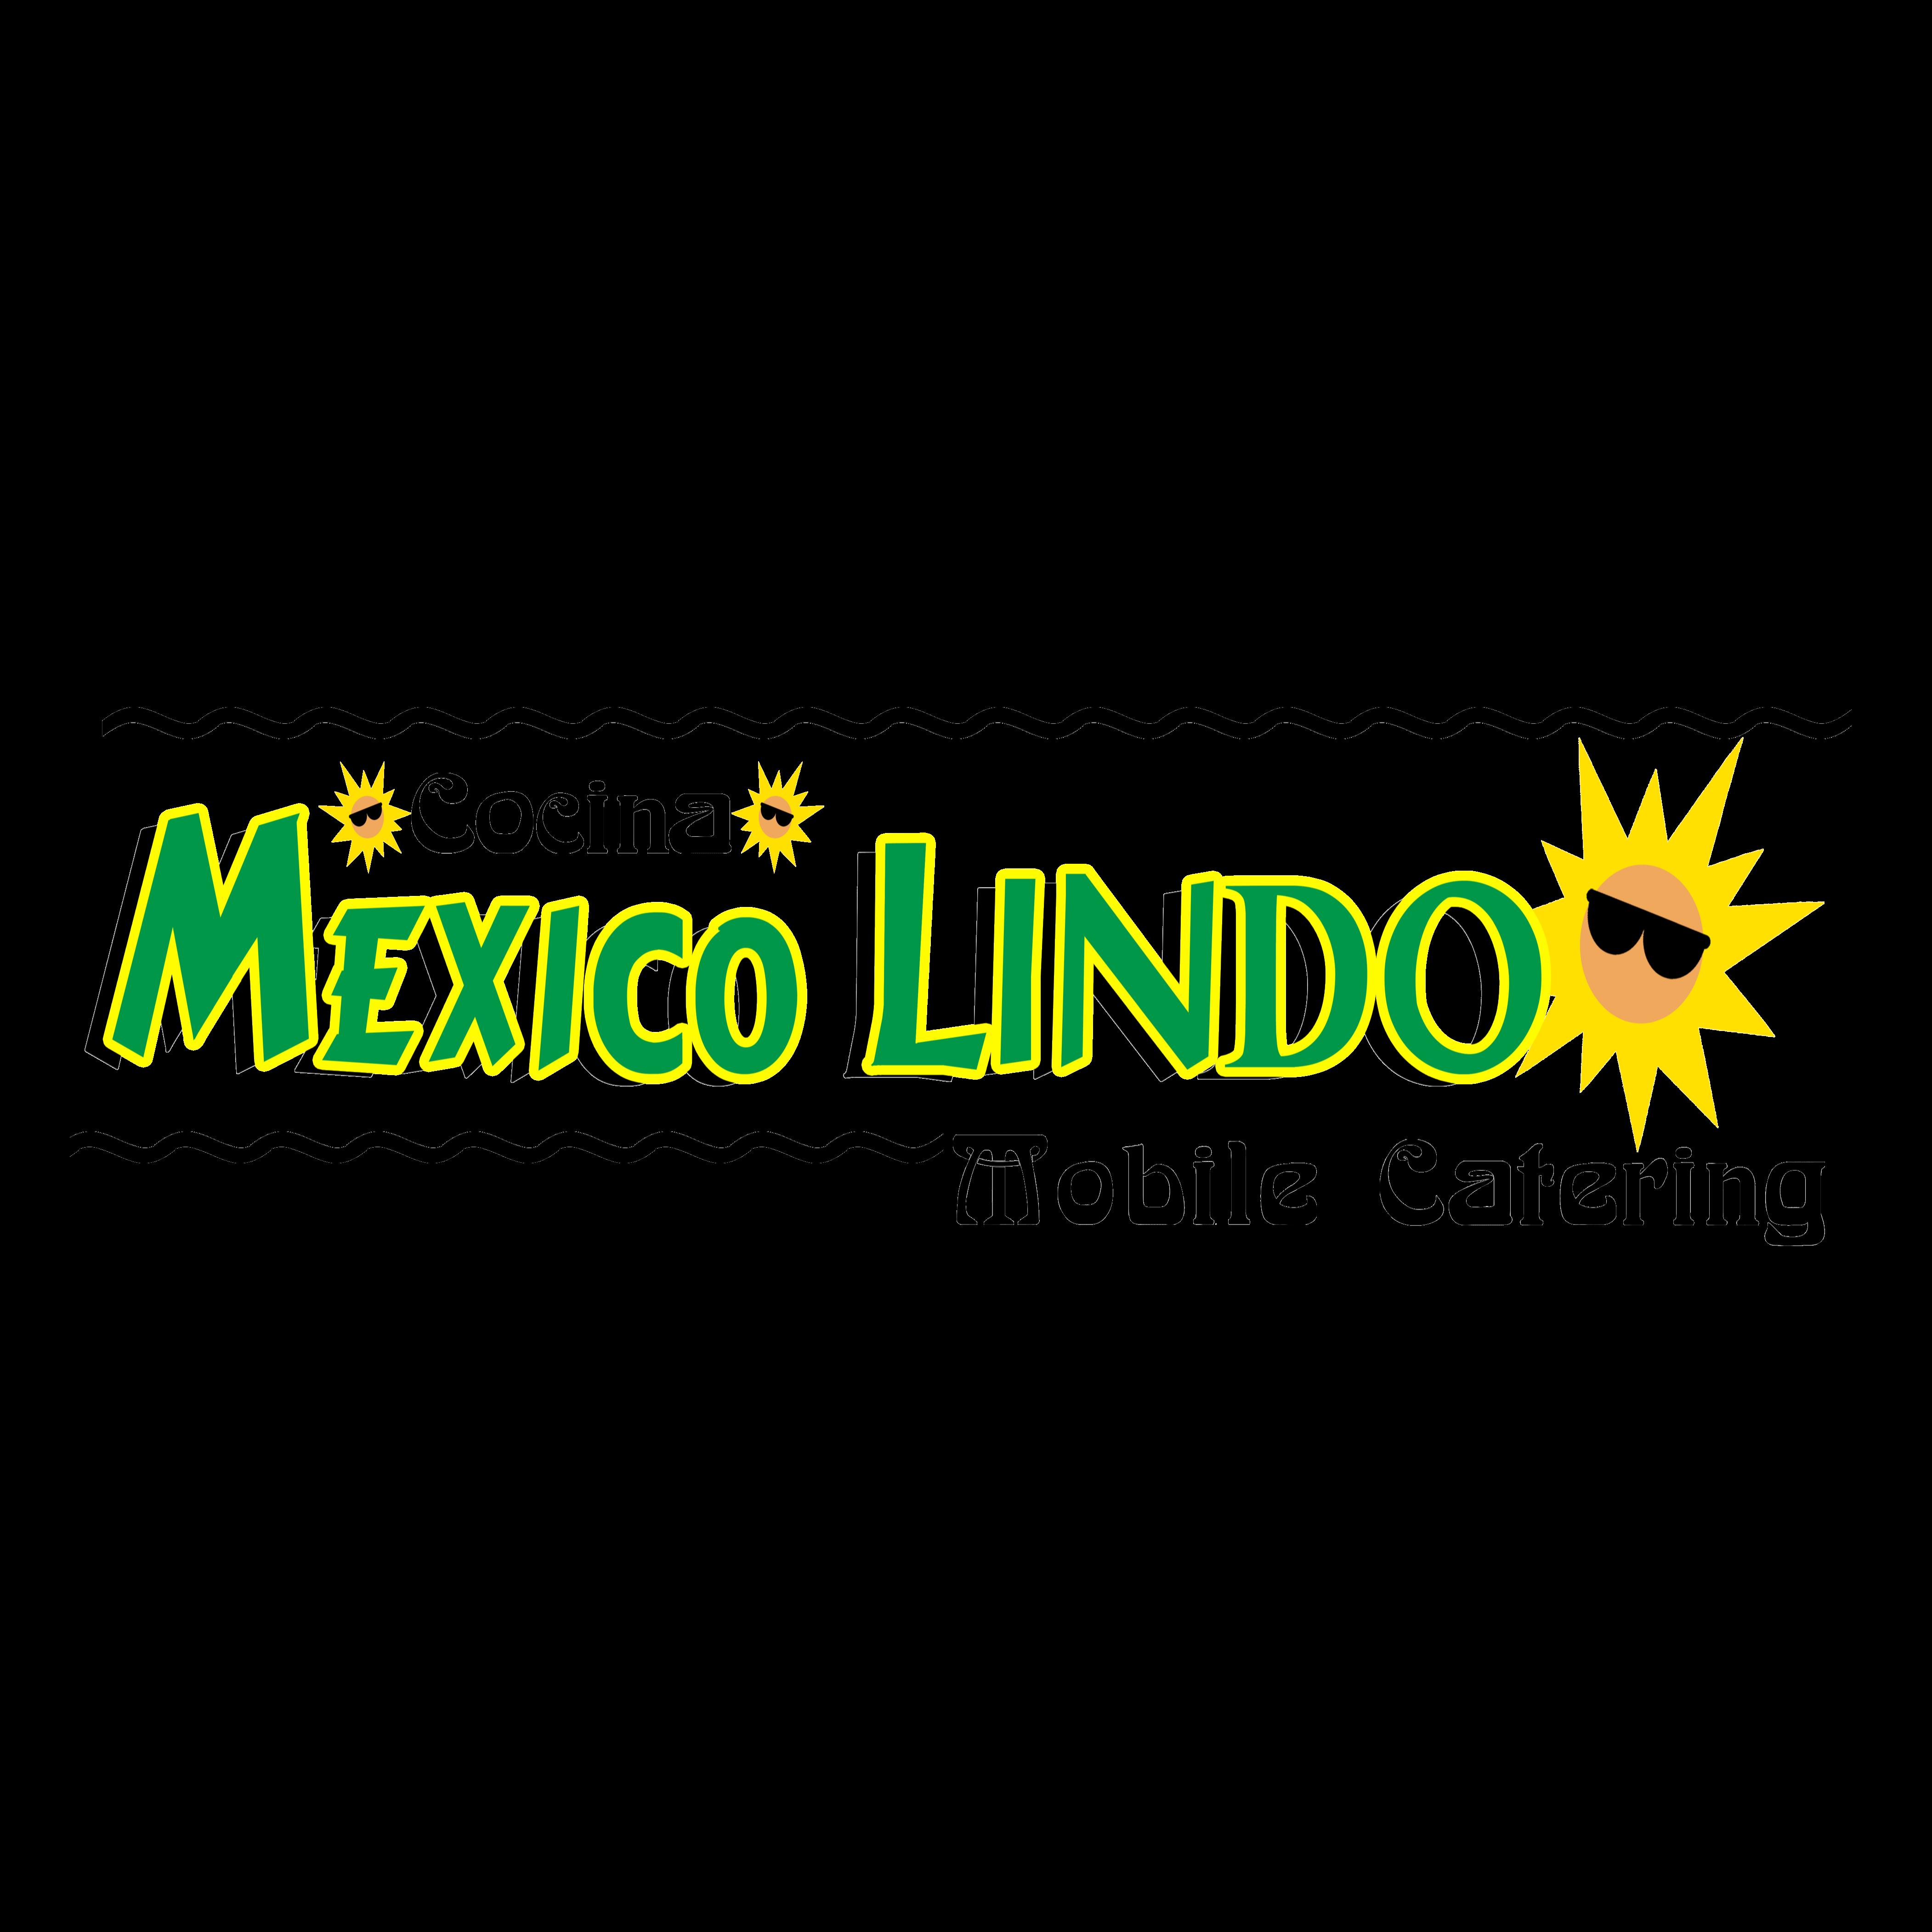 Cocina Mexico Lindo logo